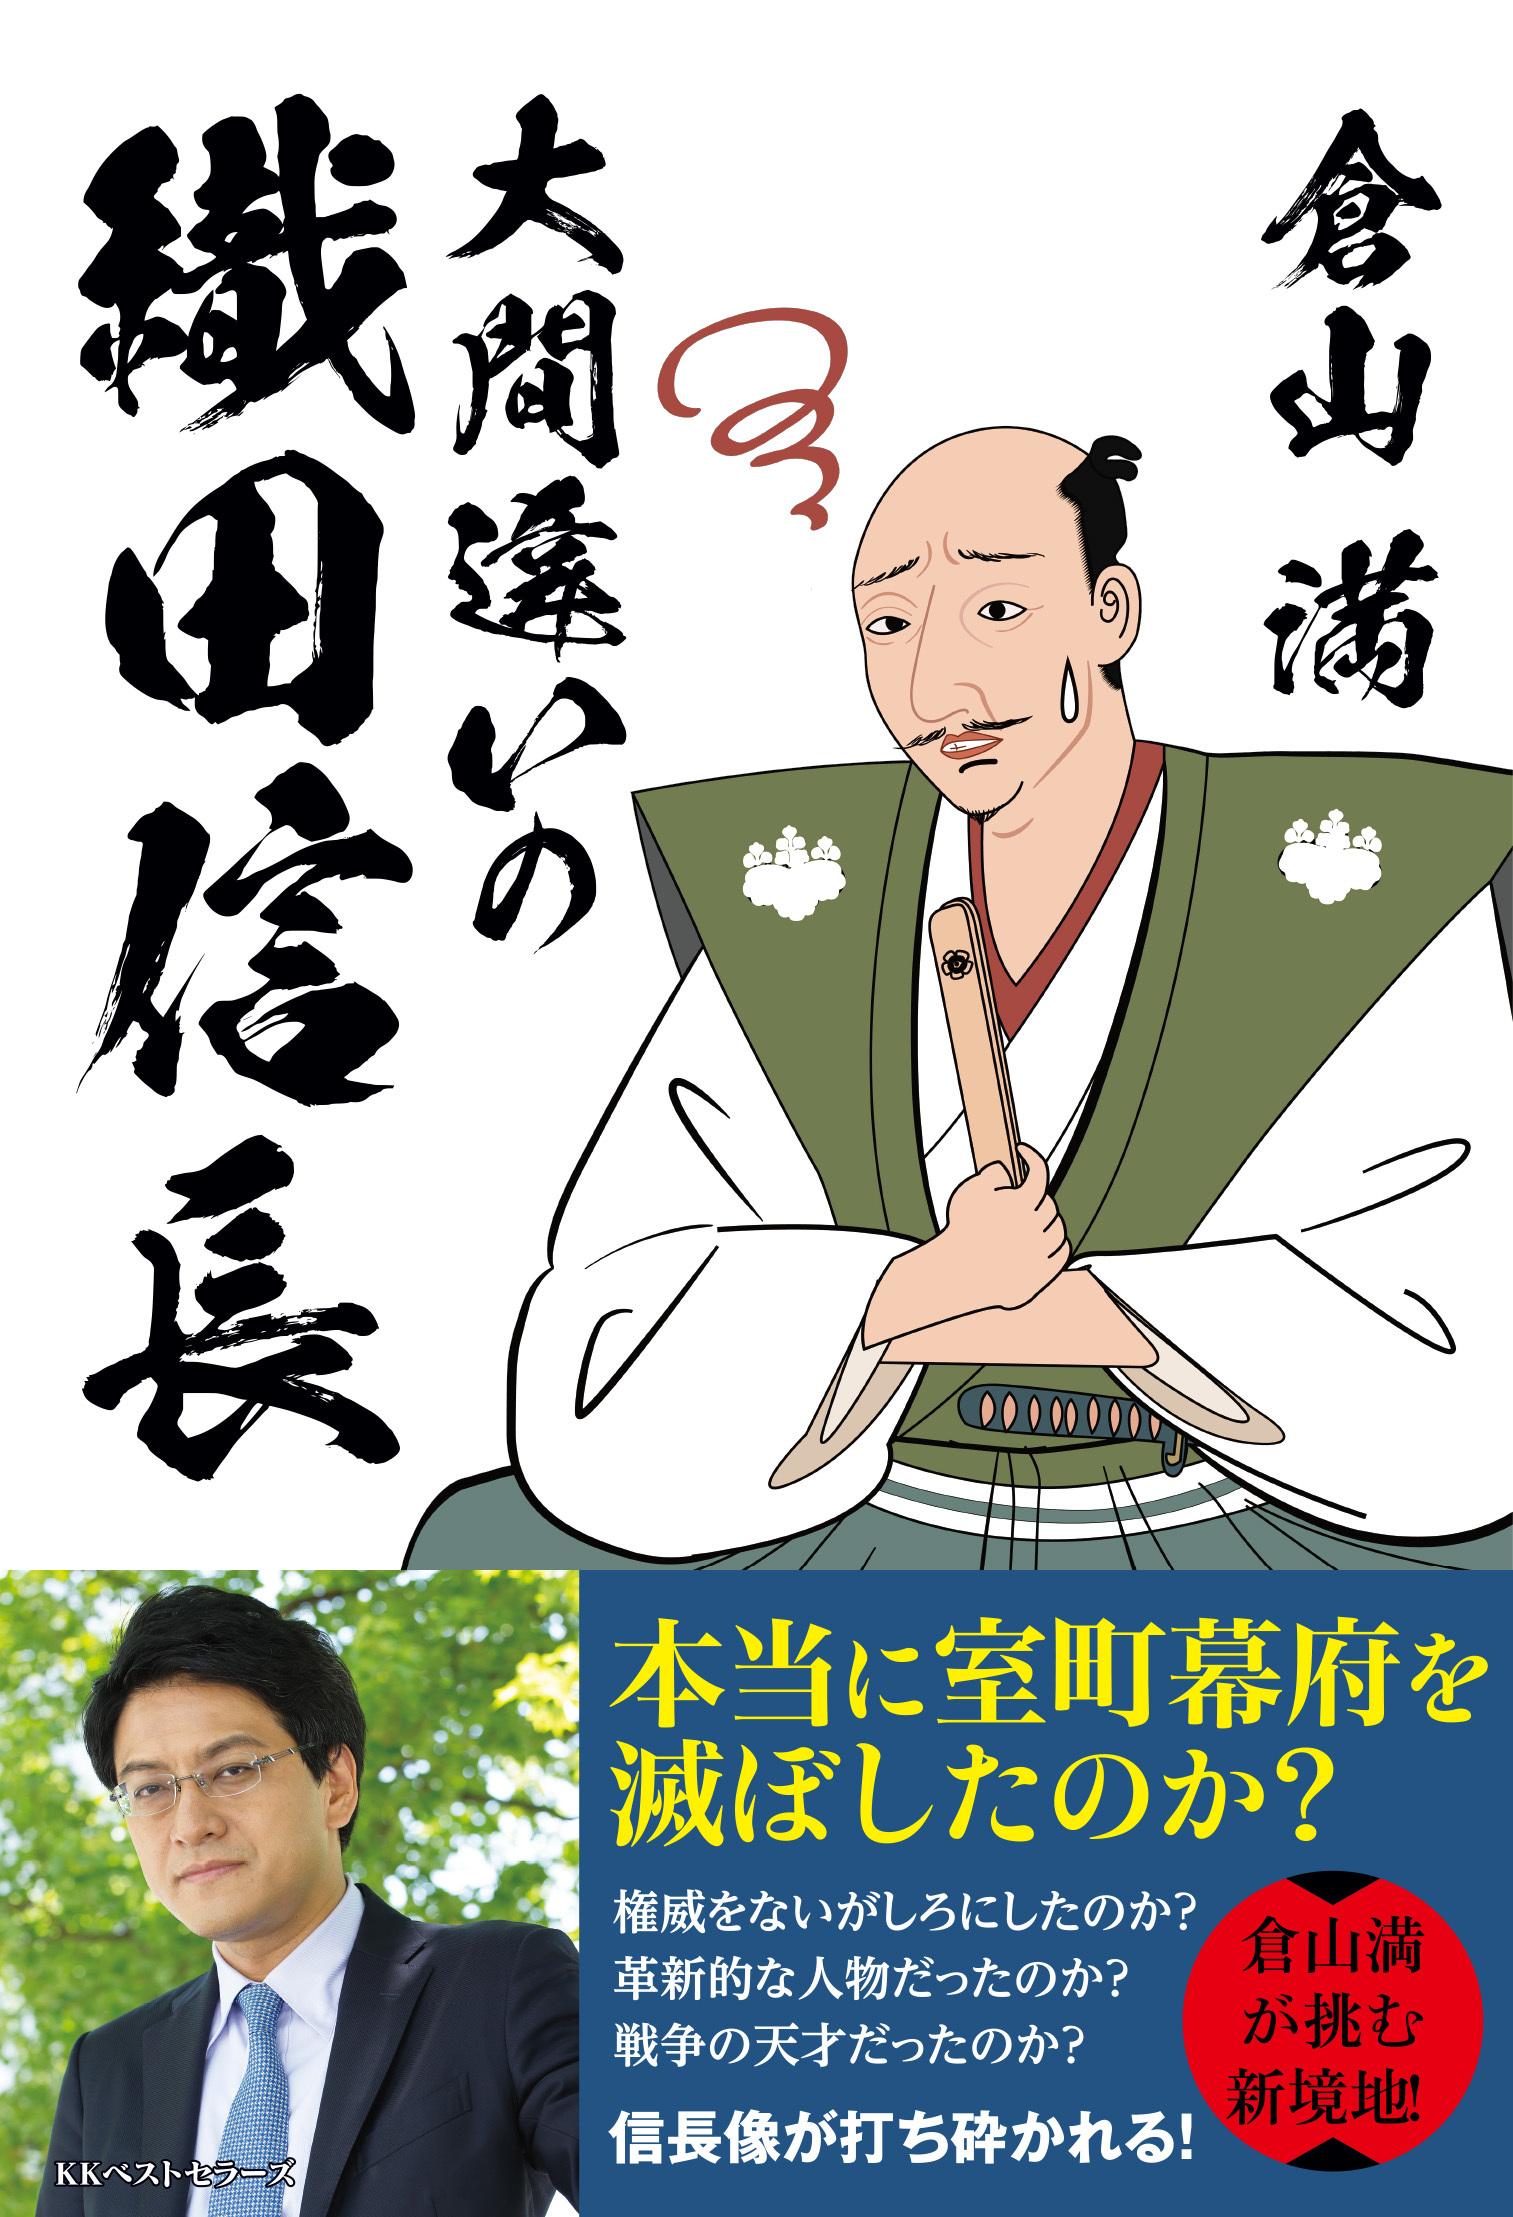 倉山満『大間違いの織田信長』刊行記念イベント開催決定